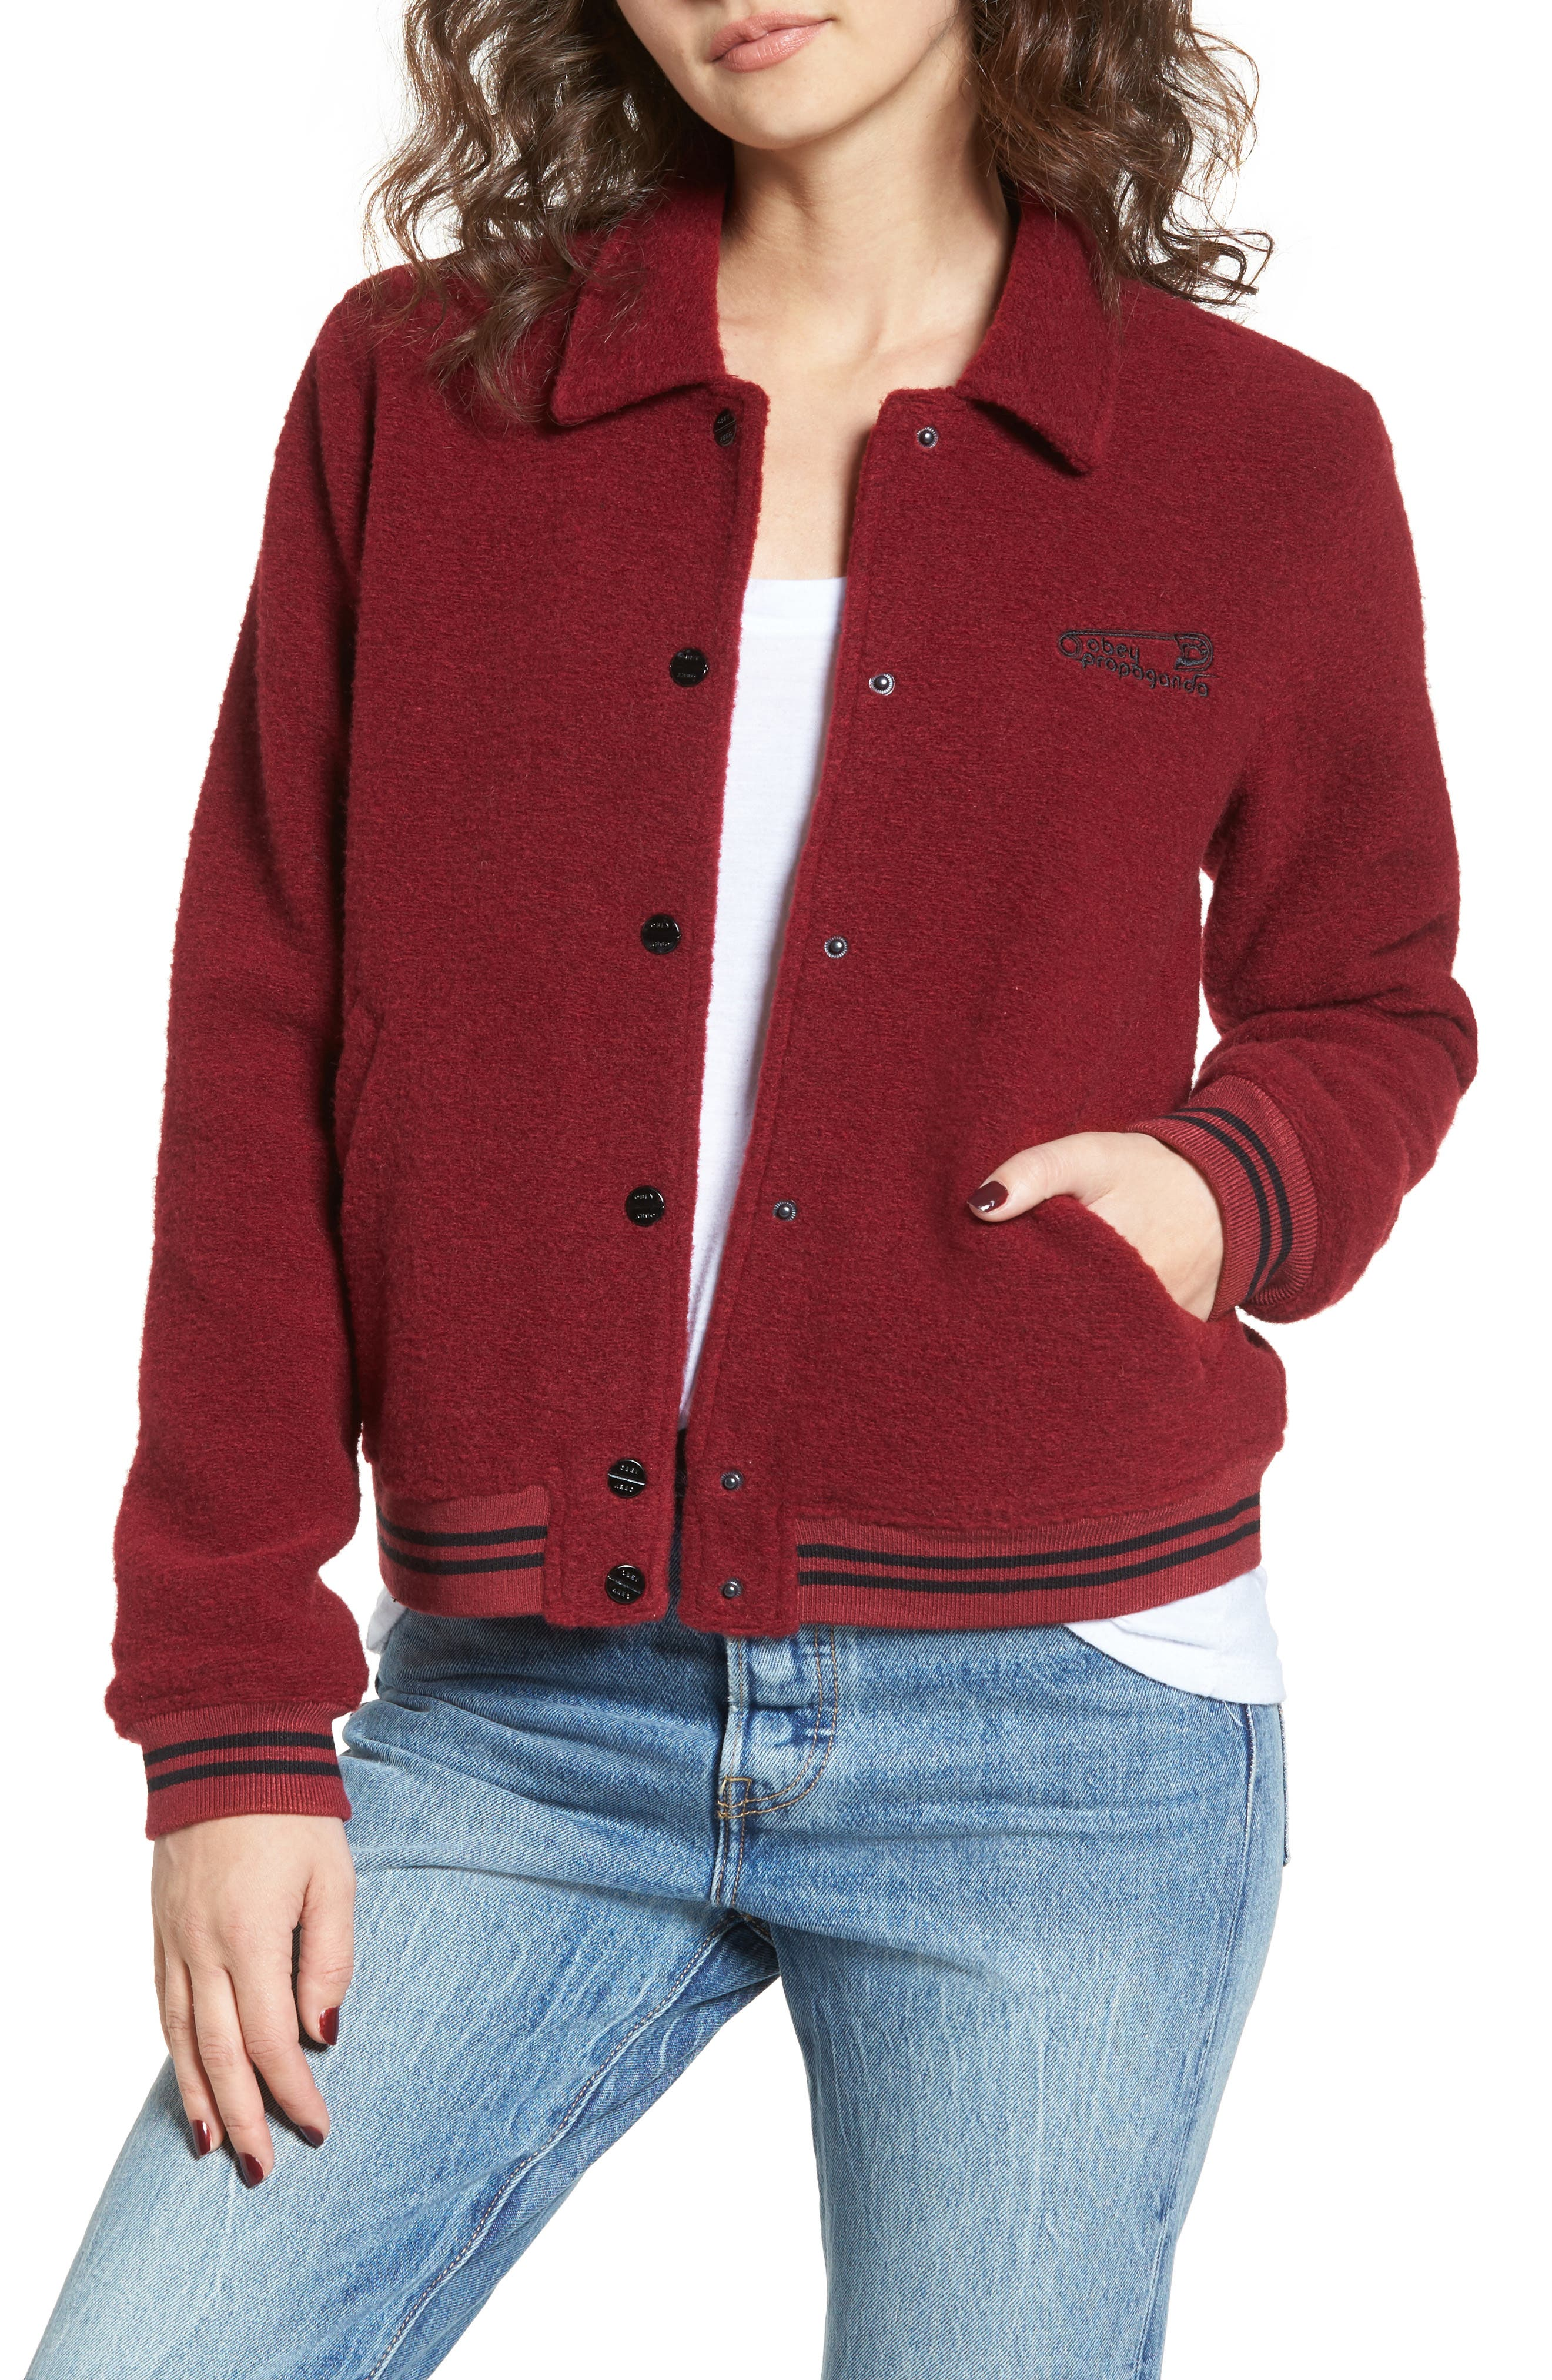 Main Image - Obey Cambridge Jacket